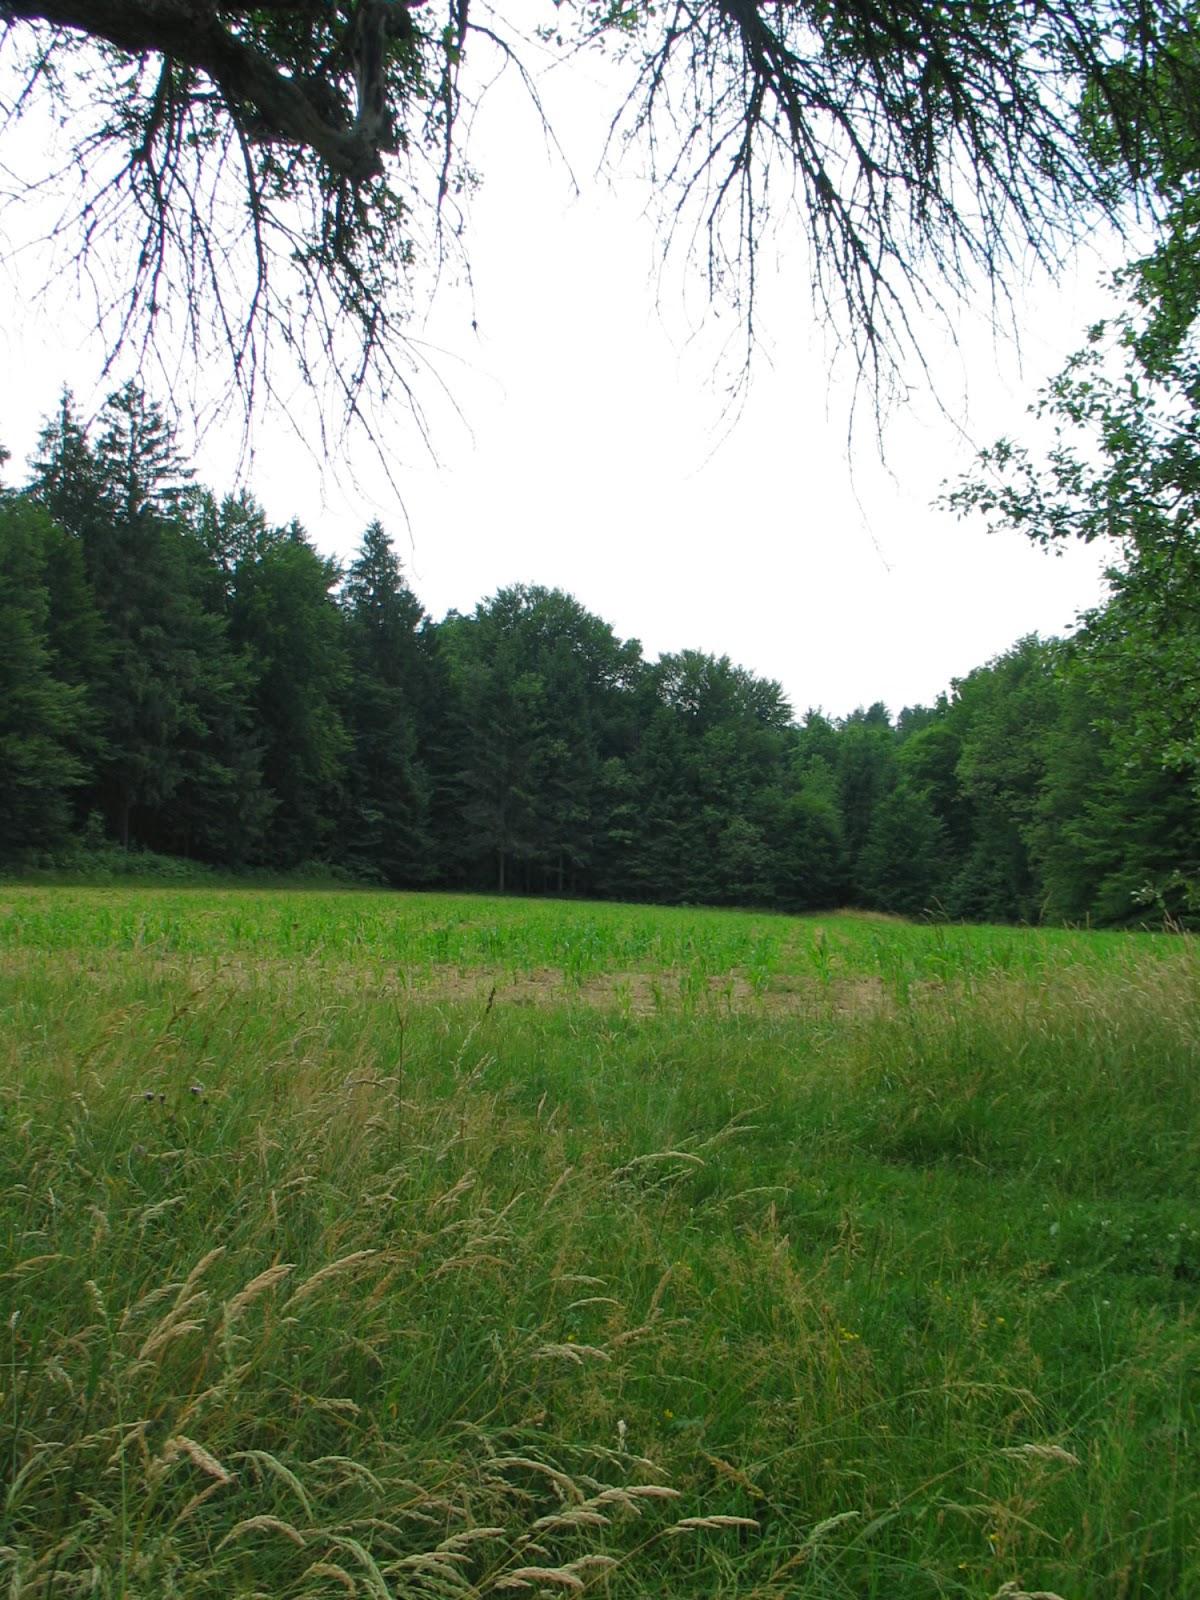 Državni mnogoboj, Slovenska Bistrica 2005 - Mnogoboj%2B2005%2B041.jpg